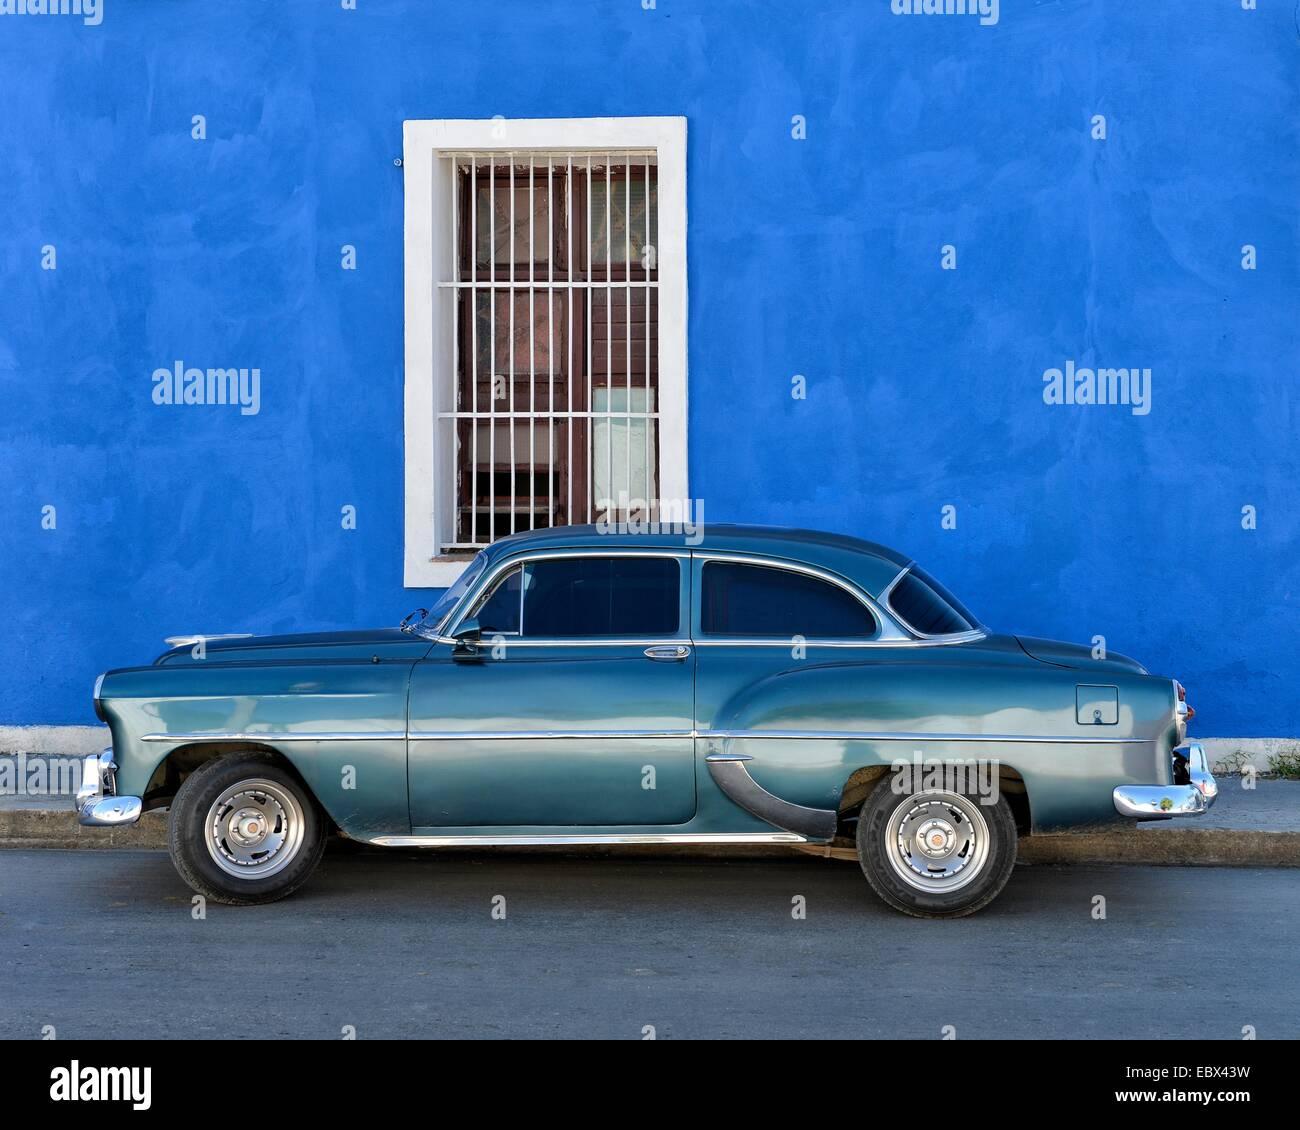 Ein blauen glänzenden kubanische Oldtimer parkten in einer Straße in zentralen Cienfuegos, Kuba, Karibik. Stockbild